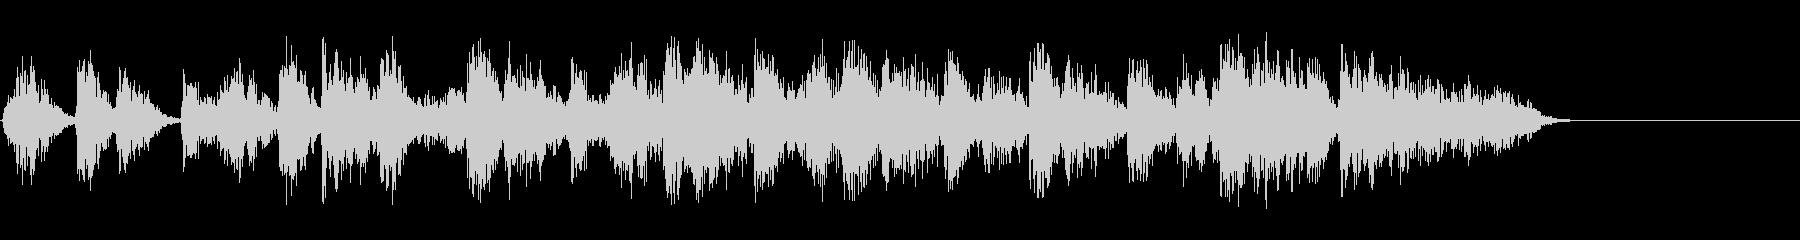 グランドピアノ:低音アクセント、漫...の未再生の波形